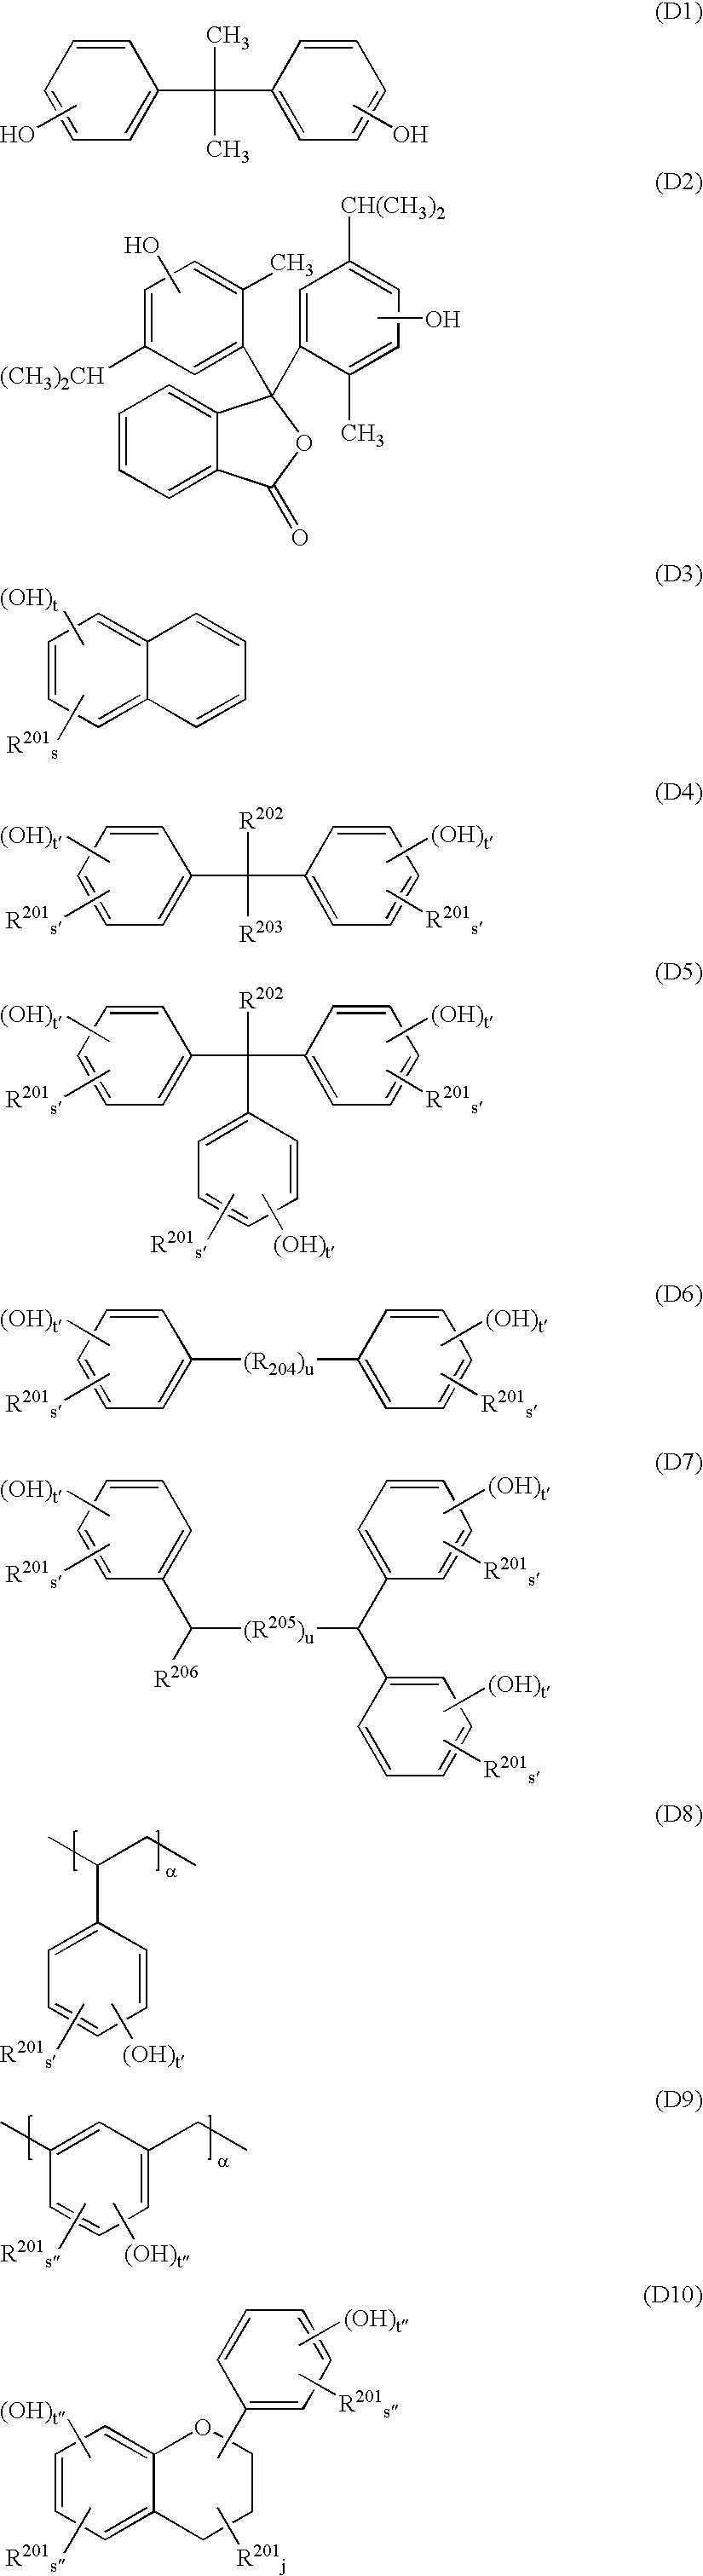 Figure US20090011365A1-20090108-C00085